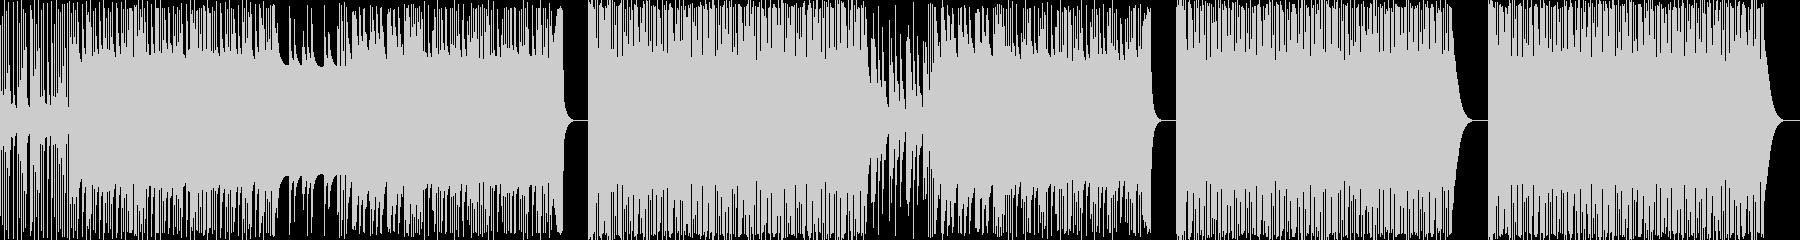 クランク/808/東洋/ヒップホップ#1の未再生の波形